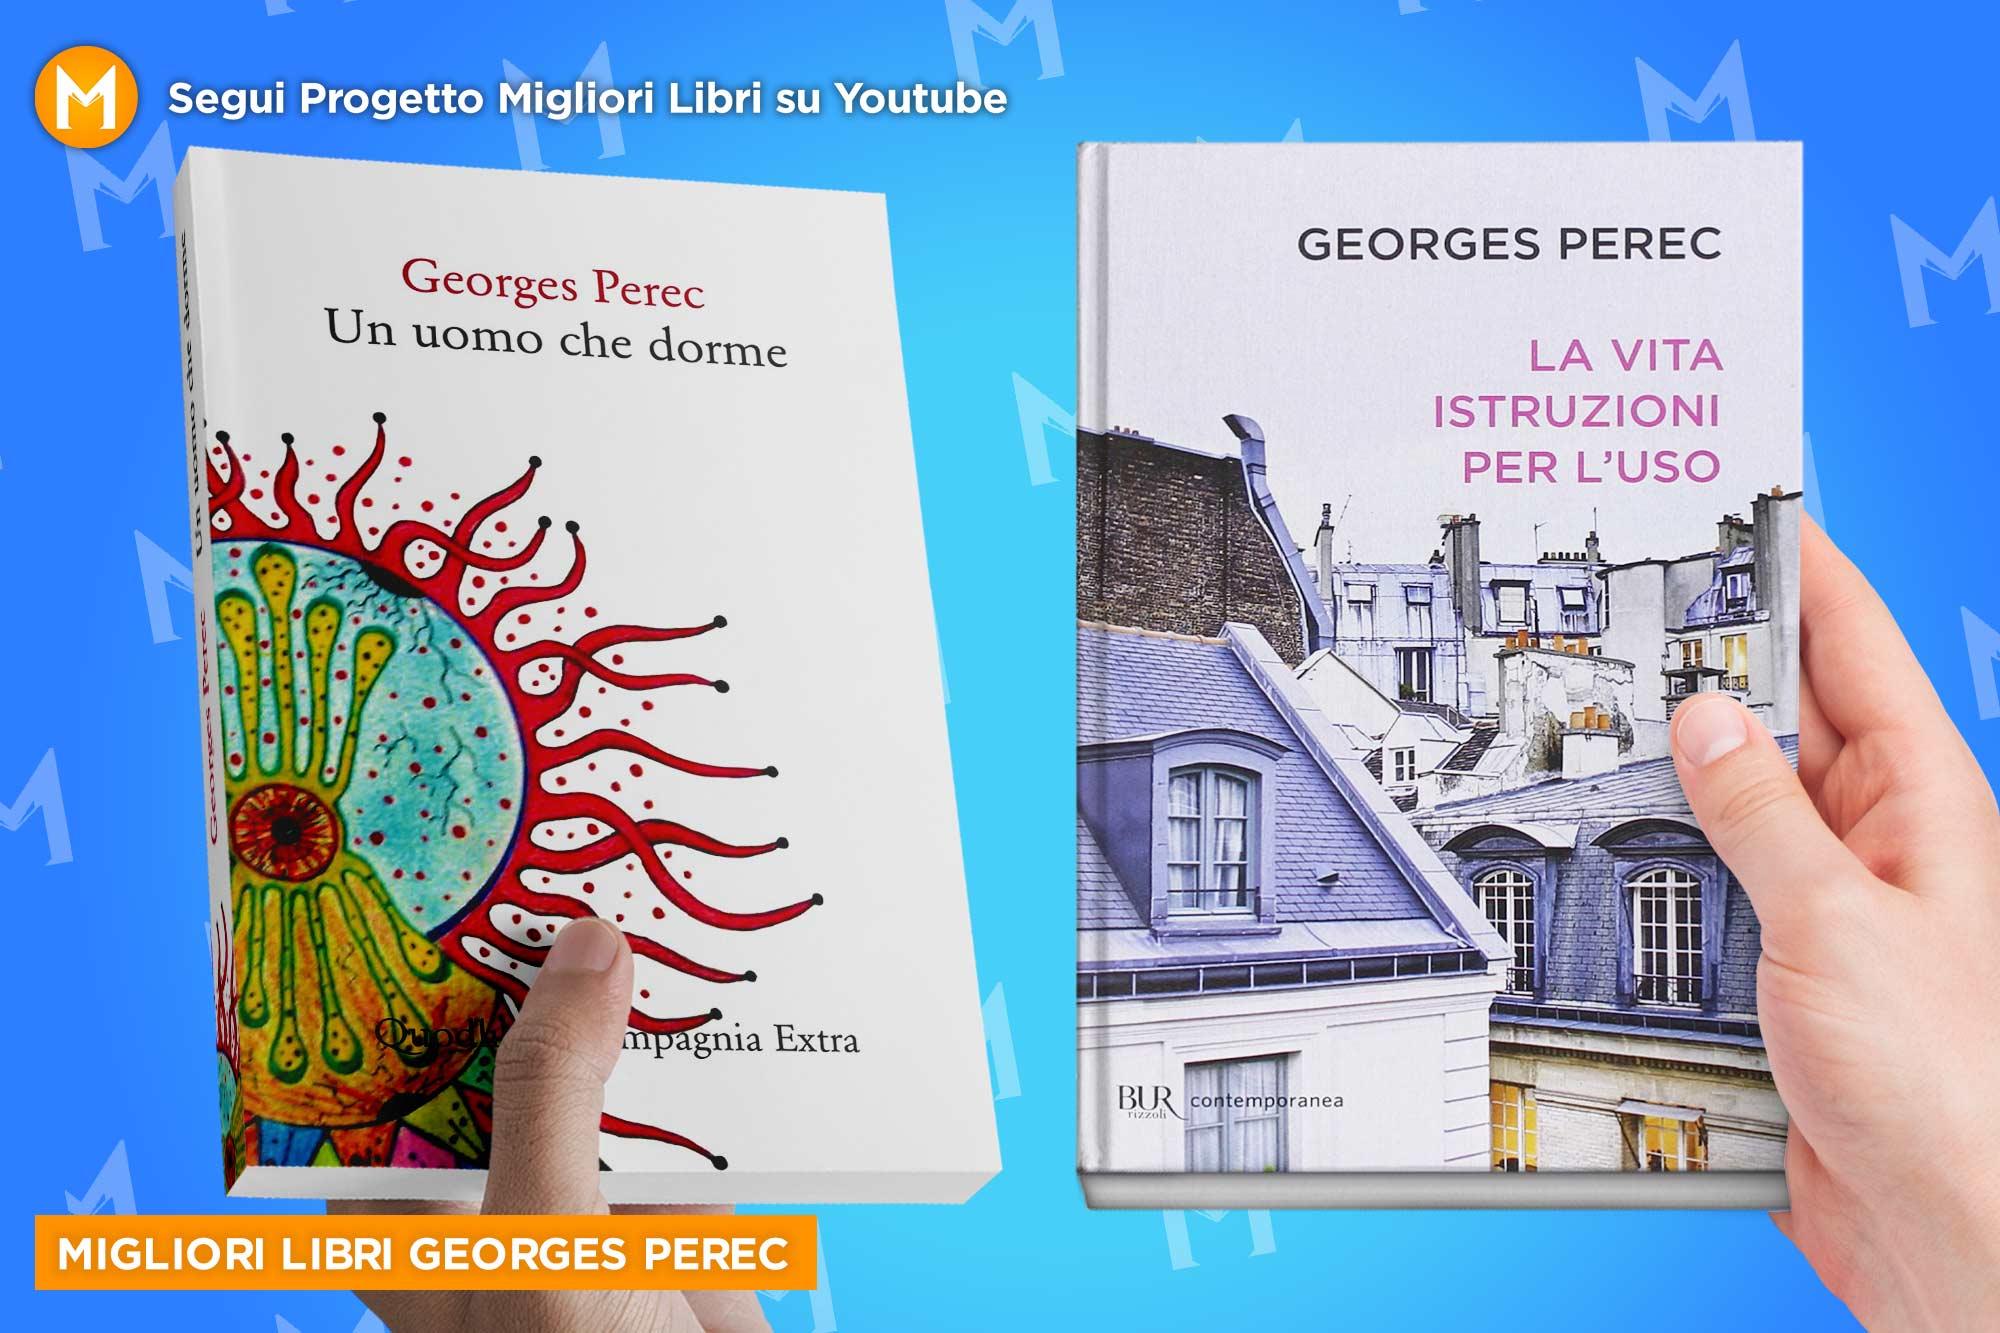 migliori-libri-georges-perec